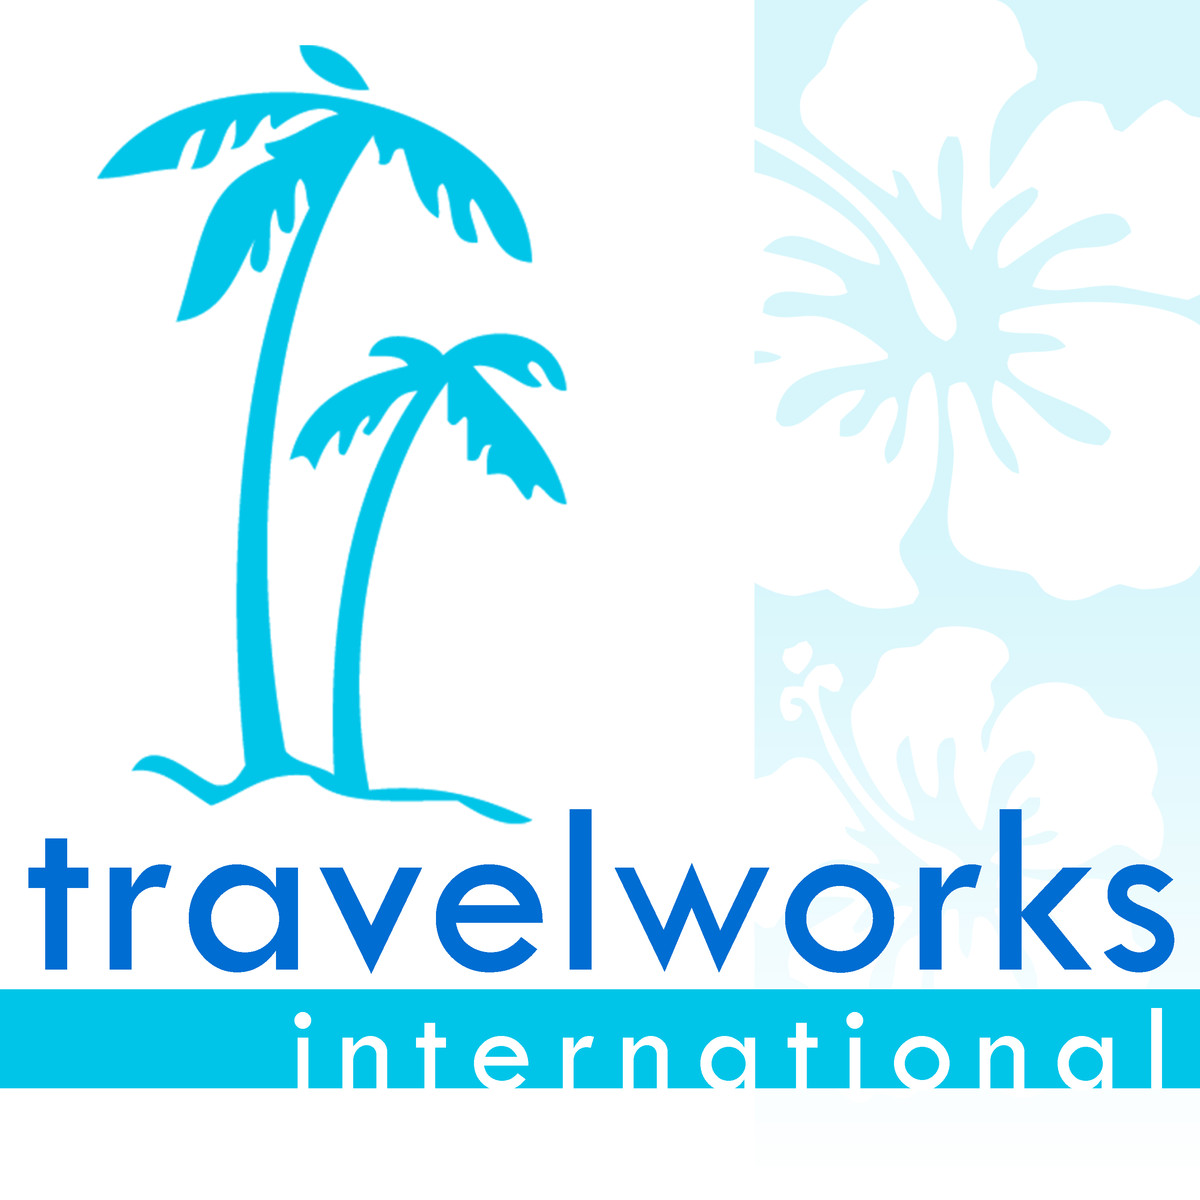 Travelworks International, LLC - Travel - Bel Air, MD - WeddingWire